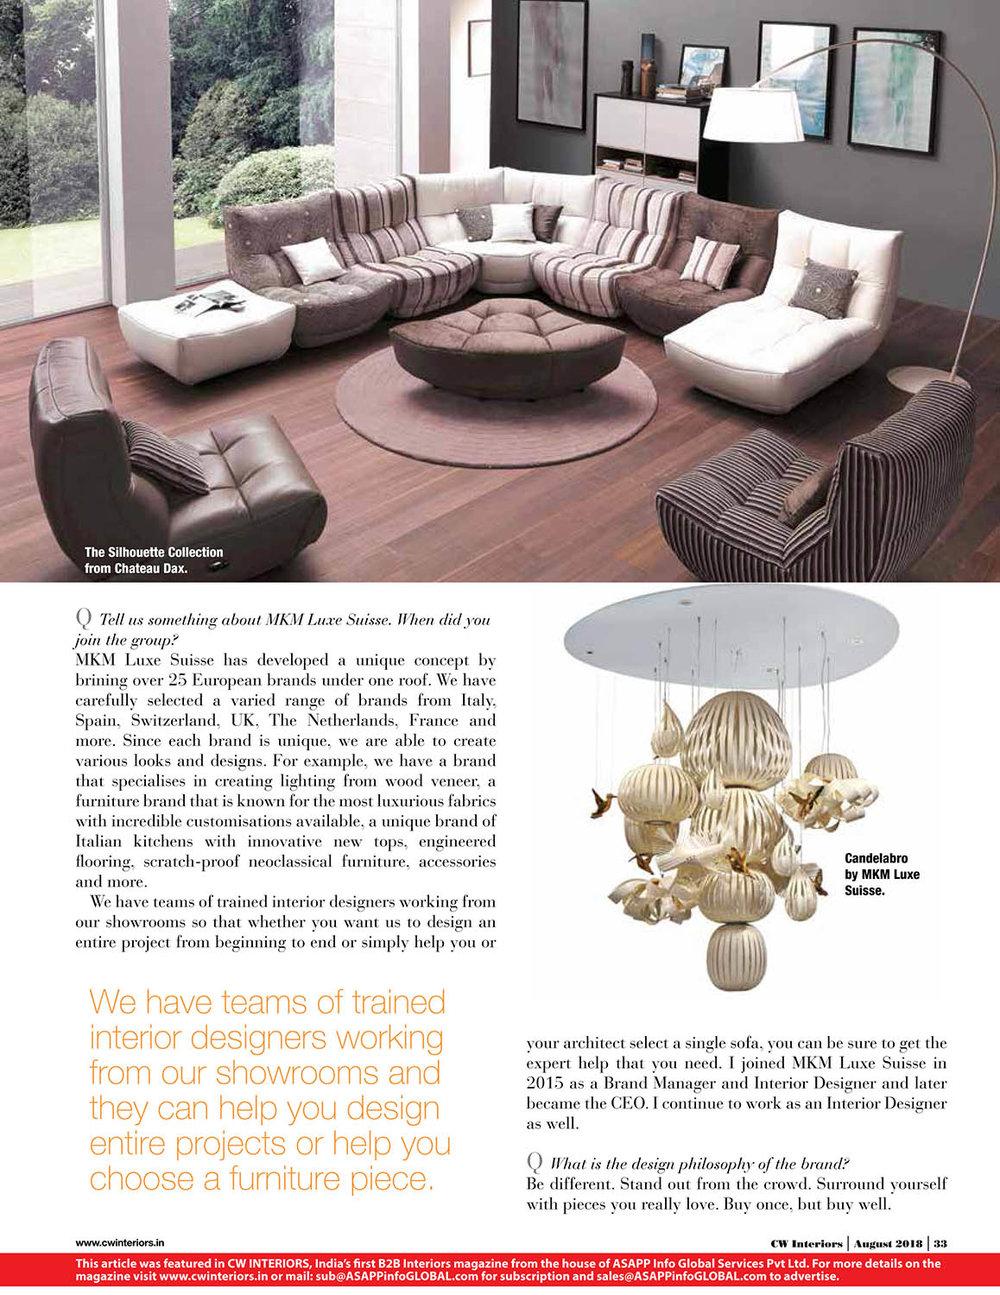 CW Interiors Magazine -MKM Luxe Suisse -Focus-Instaglam-5.jpg